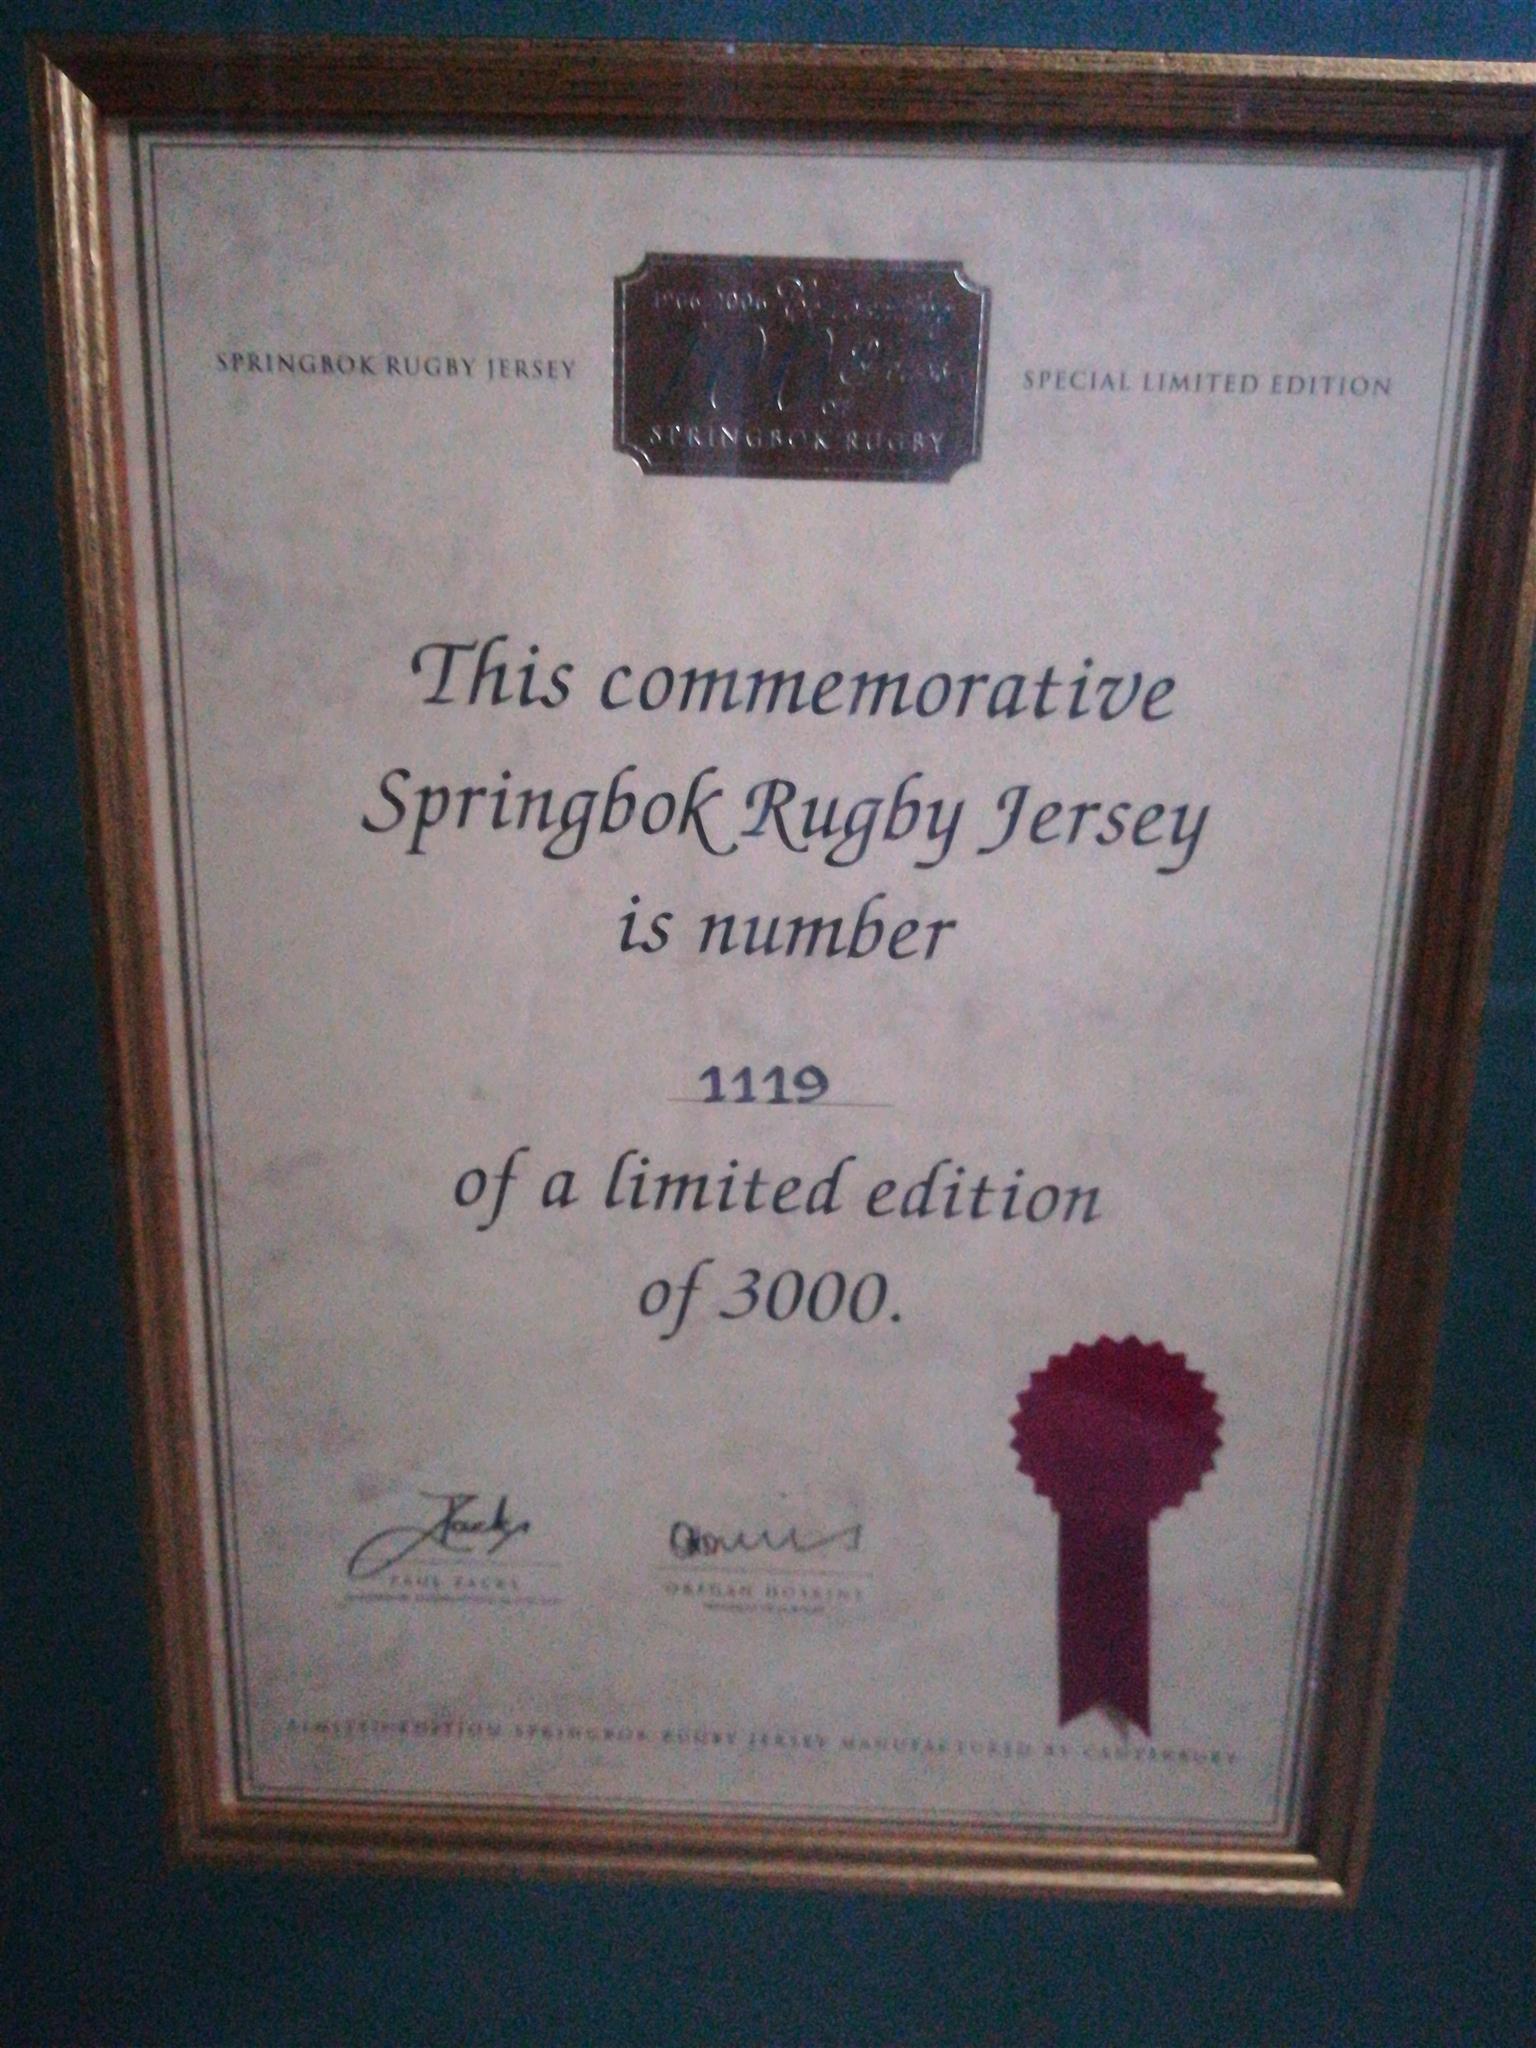 Framed Sprinbok jersey. Limited addition